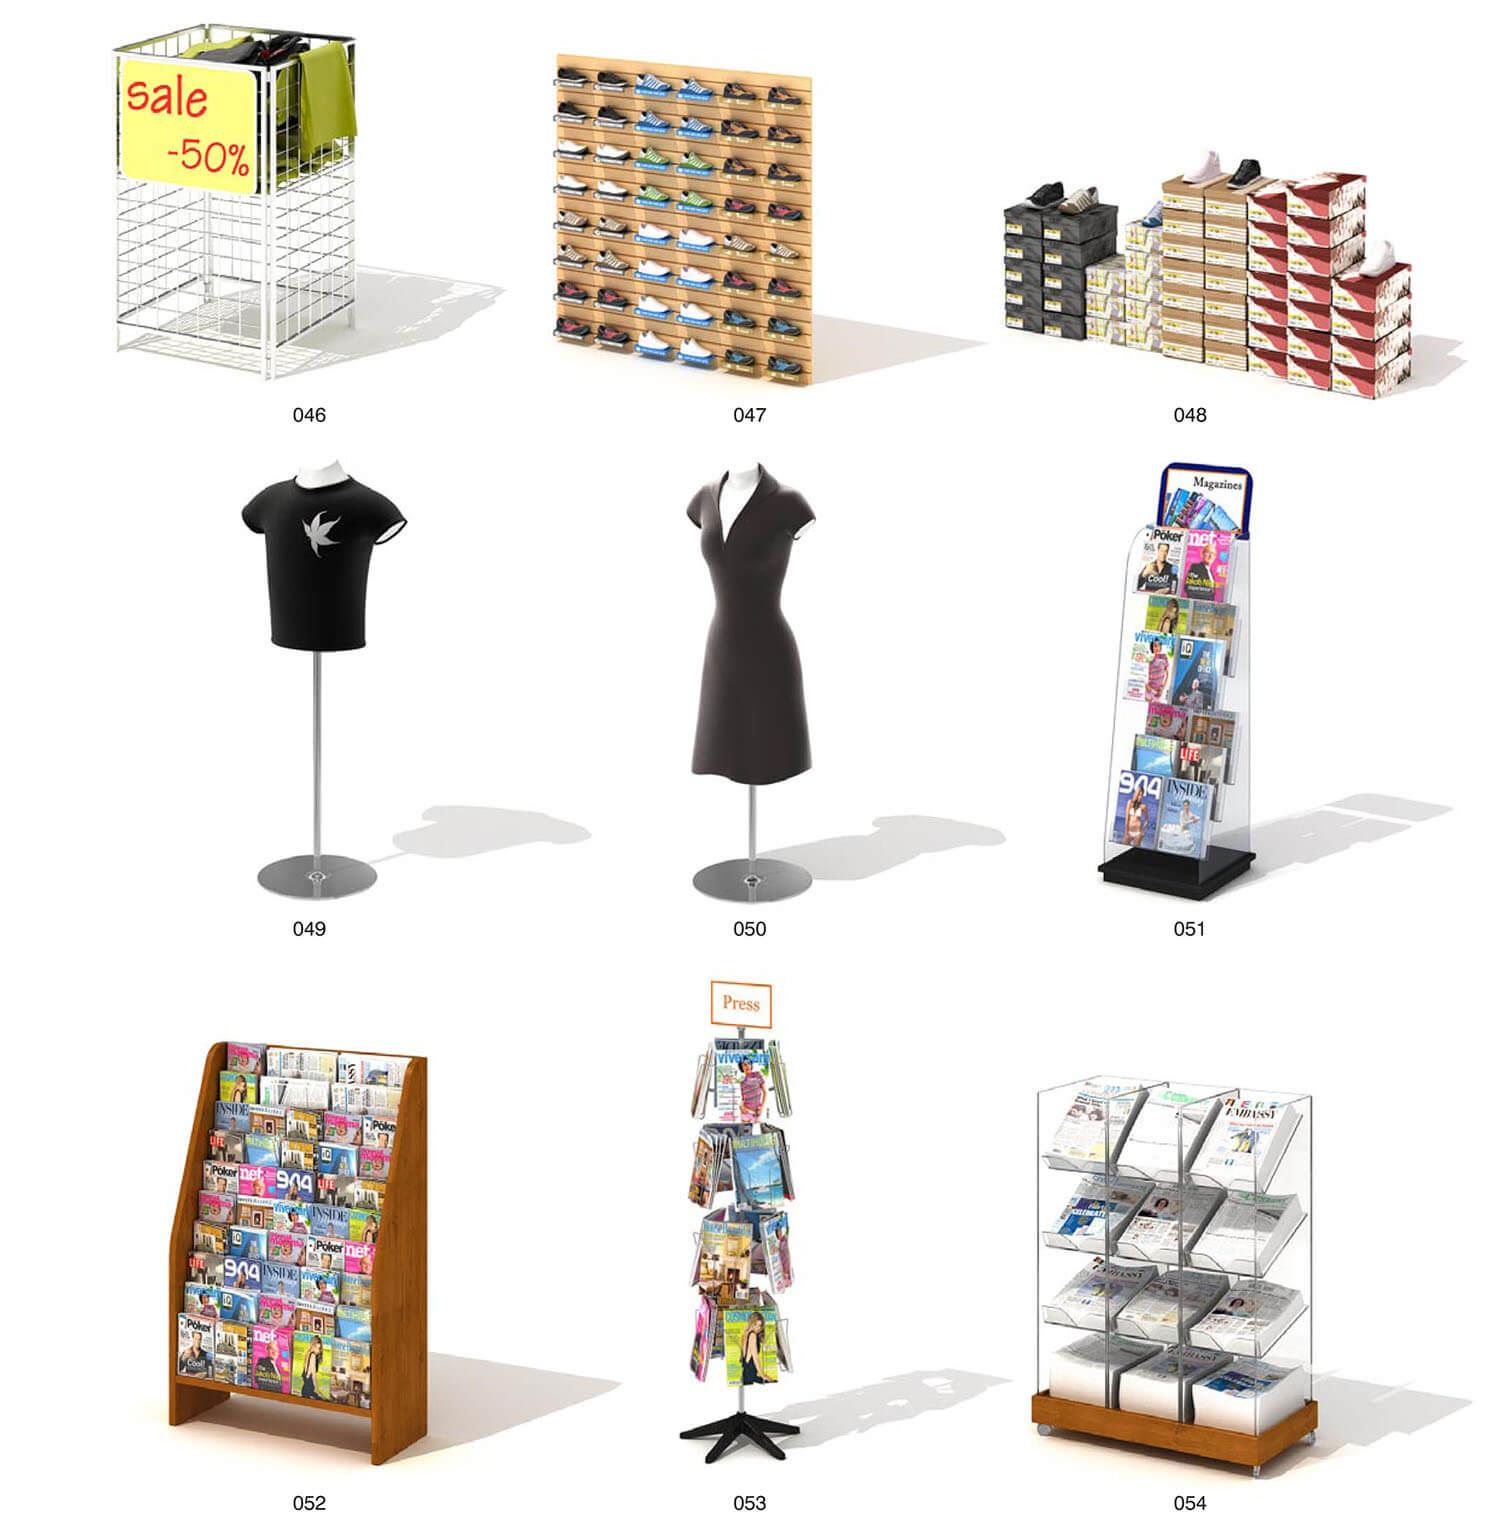 Các giá kệ bán hàng giày và sách báo thiết kế chuyên dụng